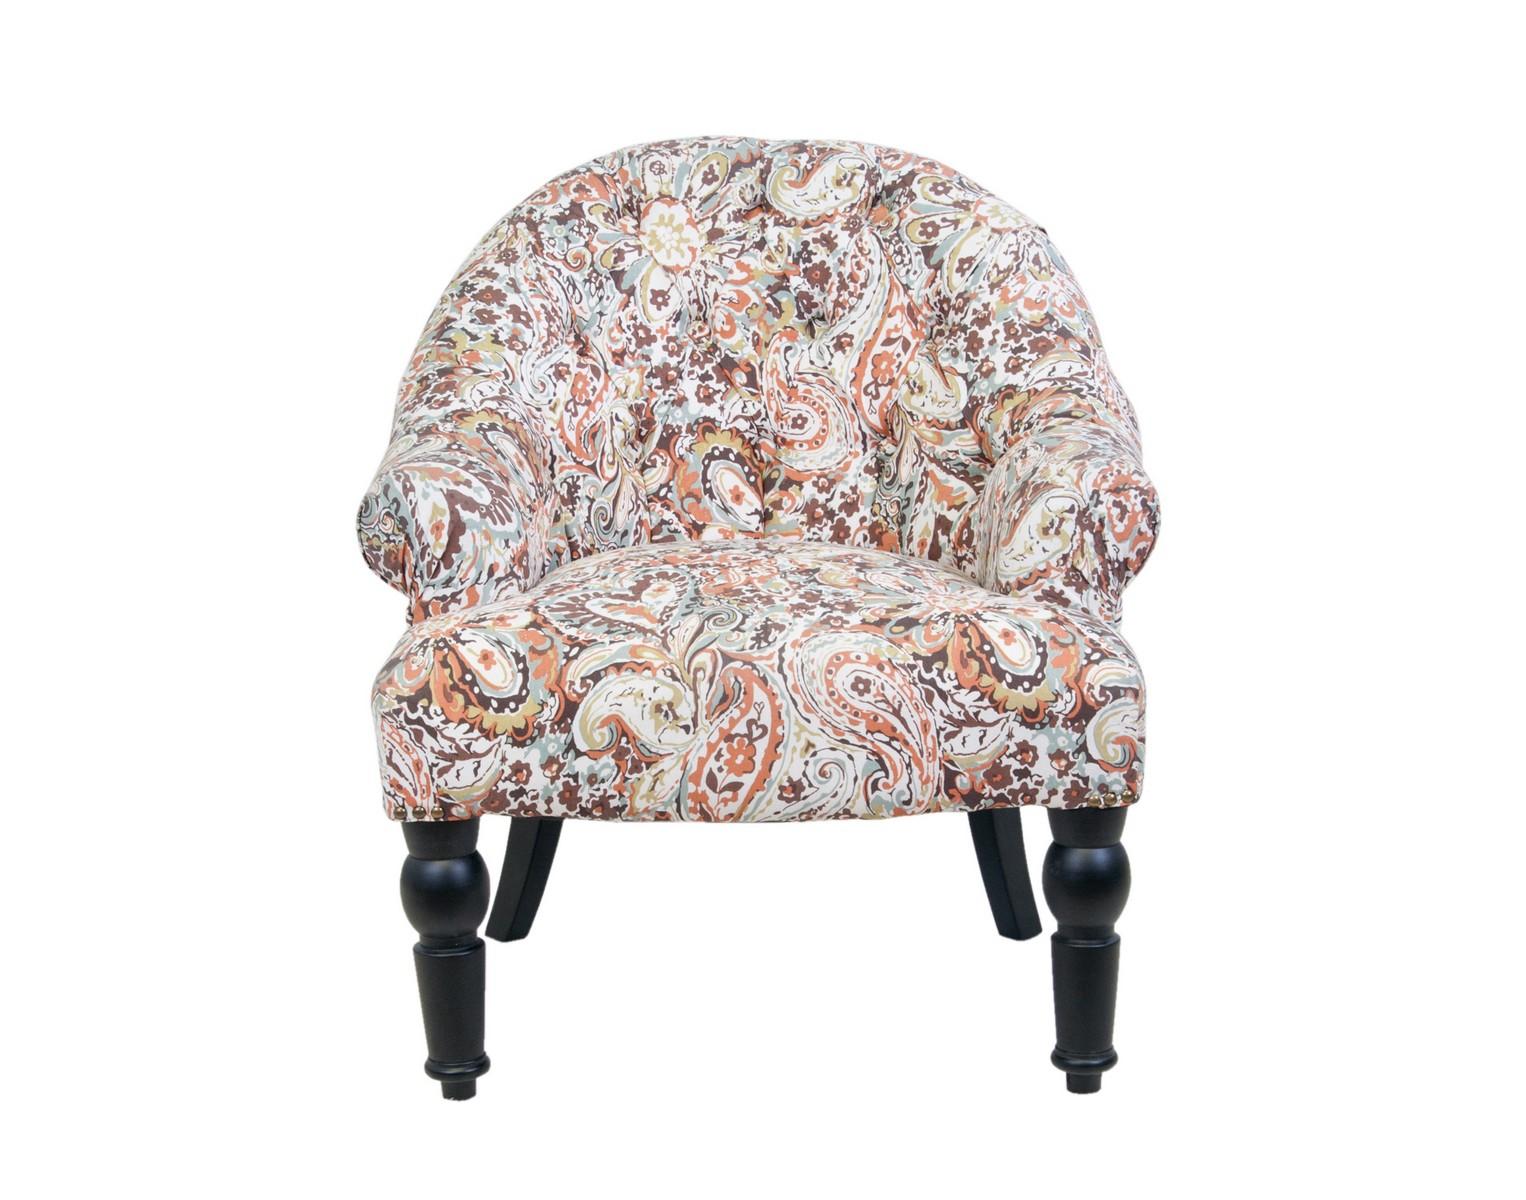 Кресло Desta orange flowerПолукресла<br>Это классическое кресло придаст вашему дому уютную и теплую атмосферу. Невысокая спинка с декоративной стежкой и компактные подлокотники располагают к комфортному времяпровождению. Деревянные резные ножки кресла Desta делают его безупречный образ законченным. Кресло отлично подойдет как для жилых помещений, так и для кафе и ресторанов.&amp;amp;nbsp;<br><br>Material: Хлопок<br>Width см: 65<br>Depth см: 66<br>Height см: 76